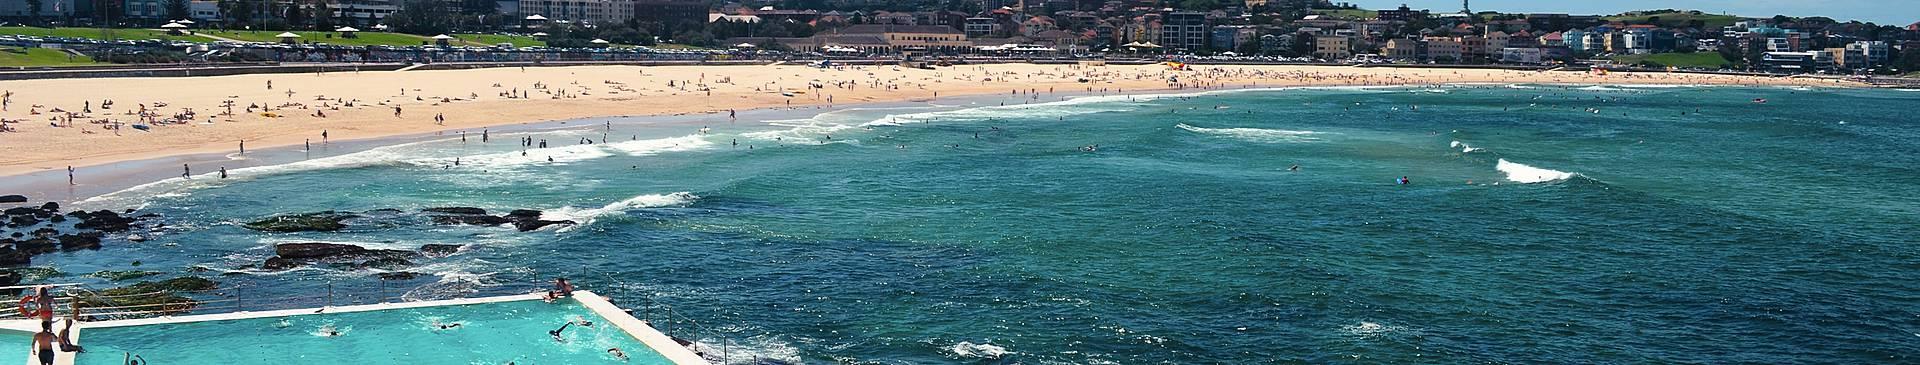 Tre settimane in Australia